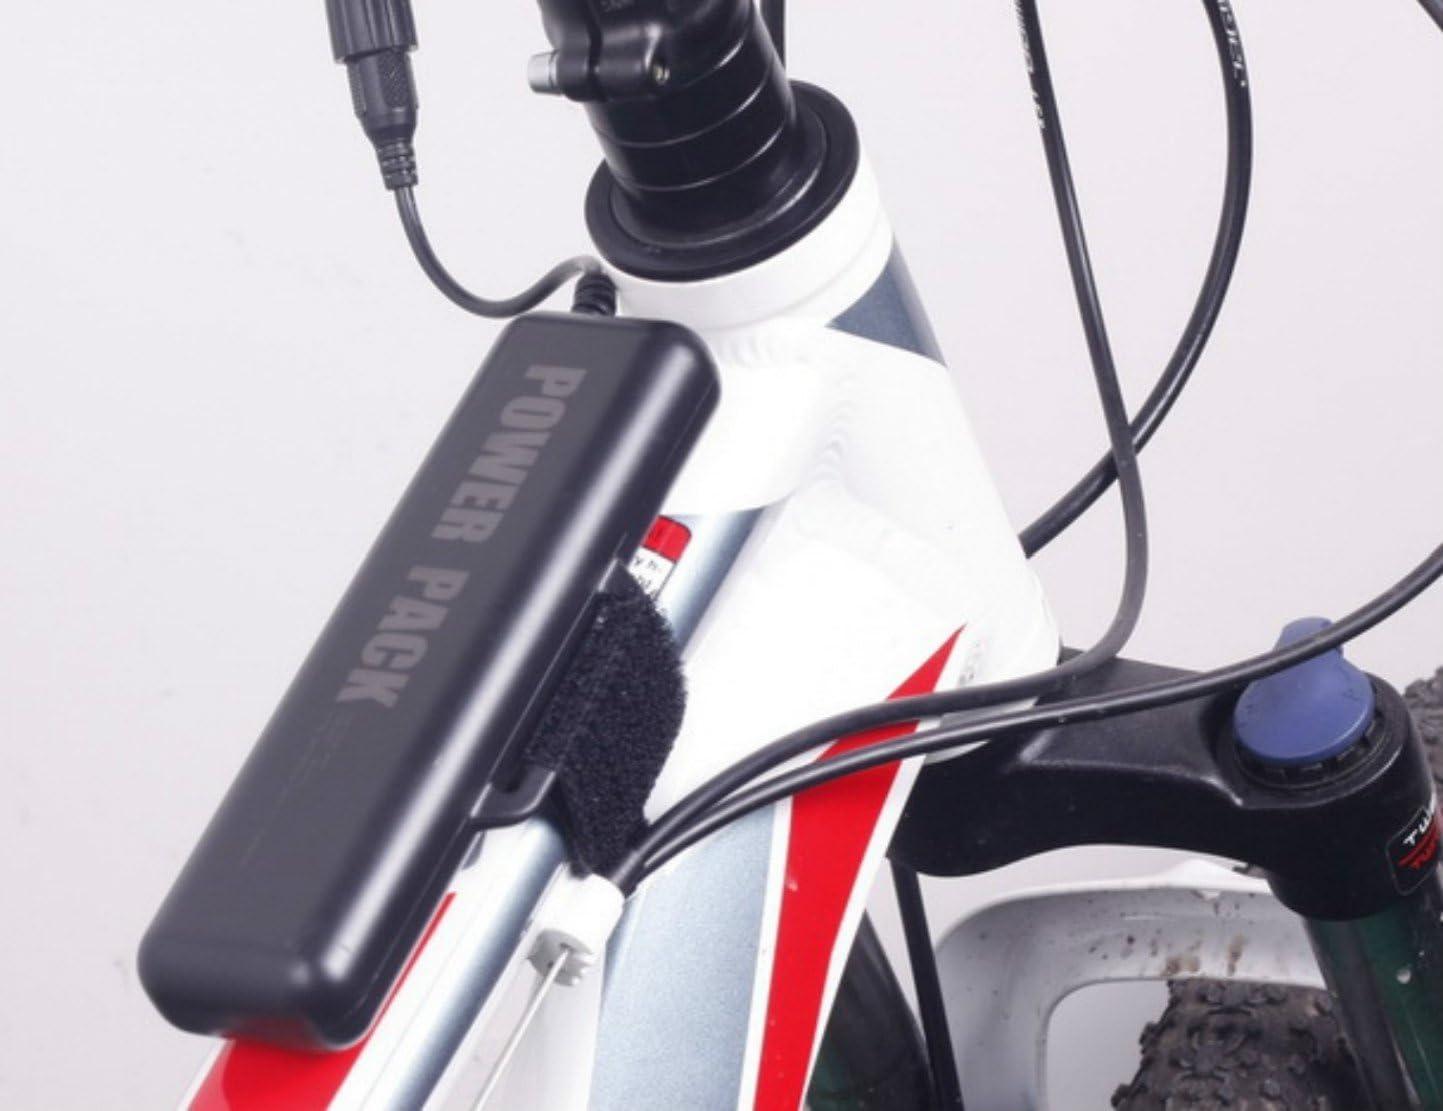 Batería de repuesto para luces de bicicleta, 10400 mAh ...